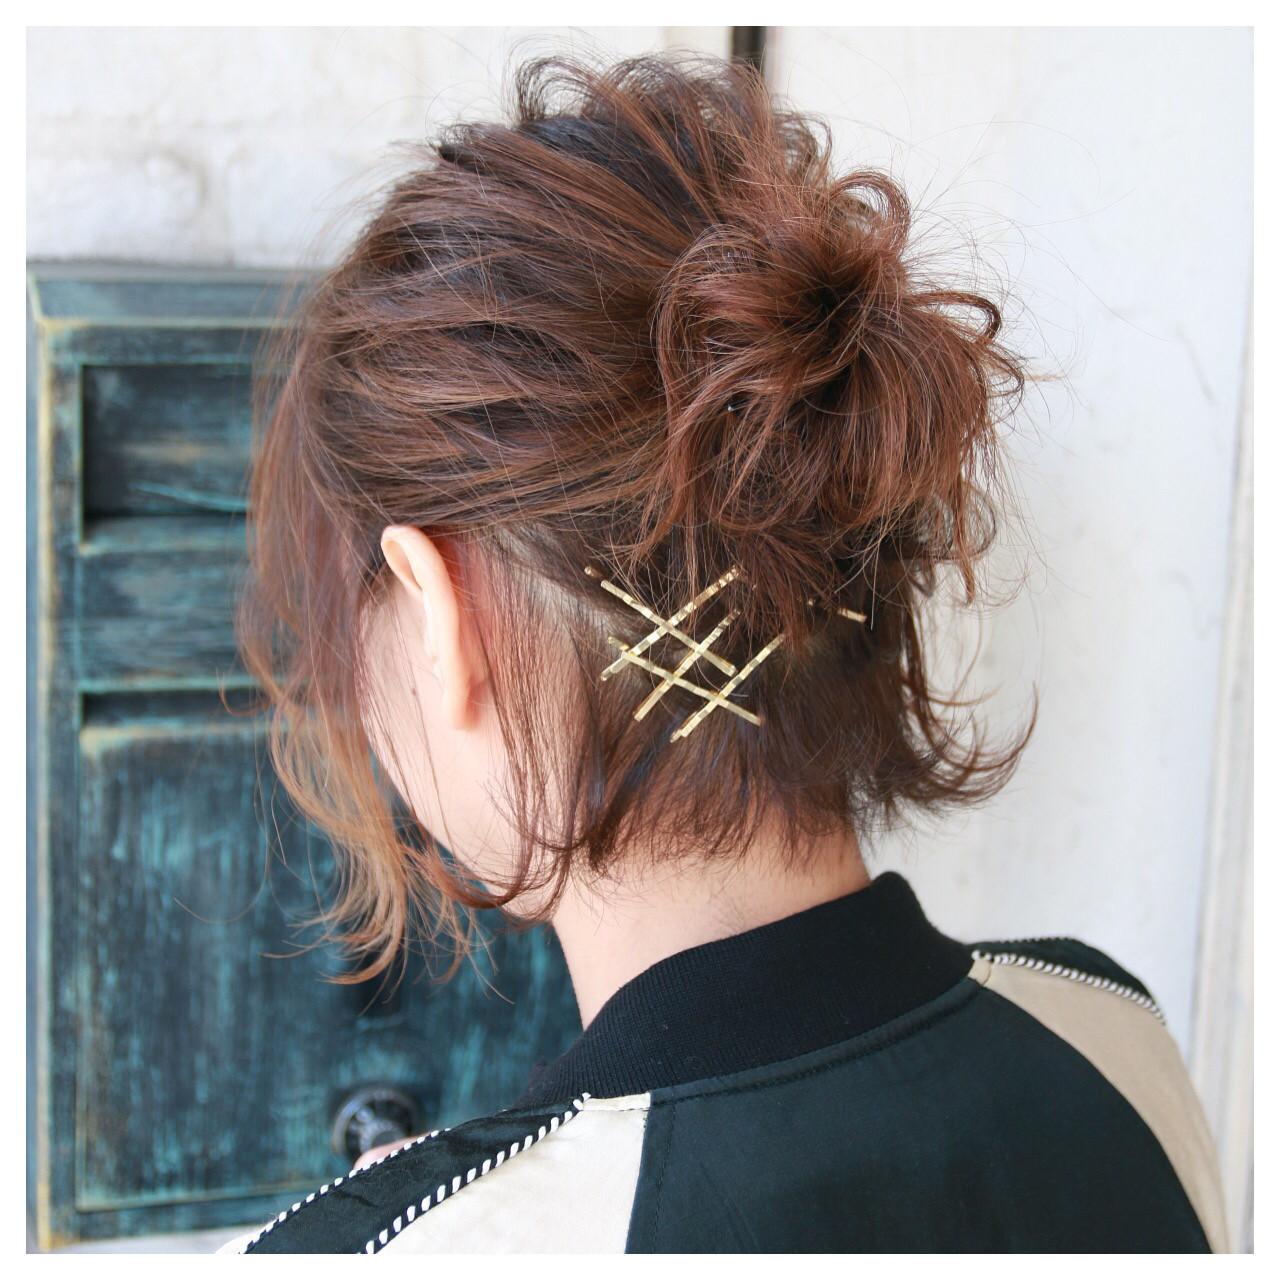 前髪ありなしどちらも可愛い♡どちらでも使い分けられるアレンジ集 松谷 聖史